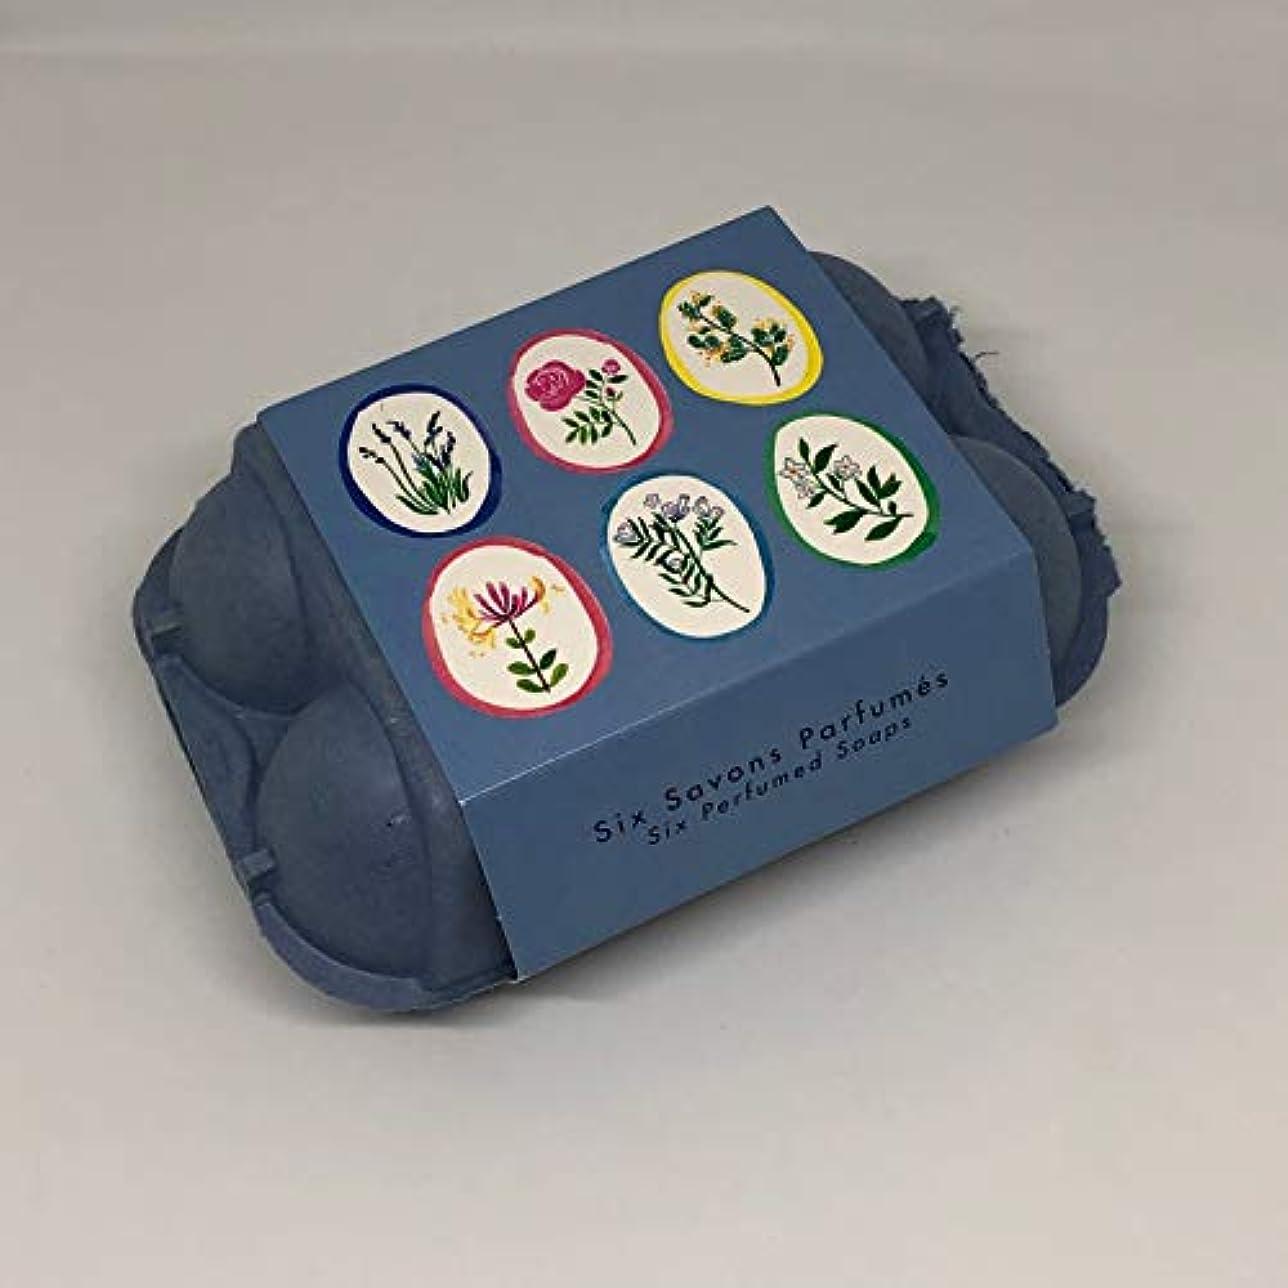 ルアー住居ロックフラゴナール Fragonard 卵型ソープセット 50g×6個 フランス直輸入 BLUE